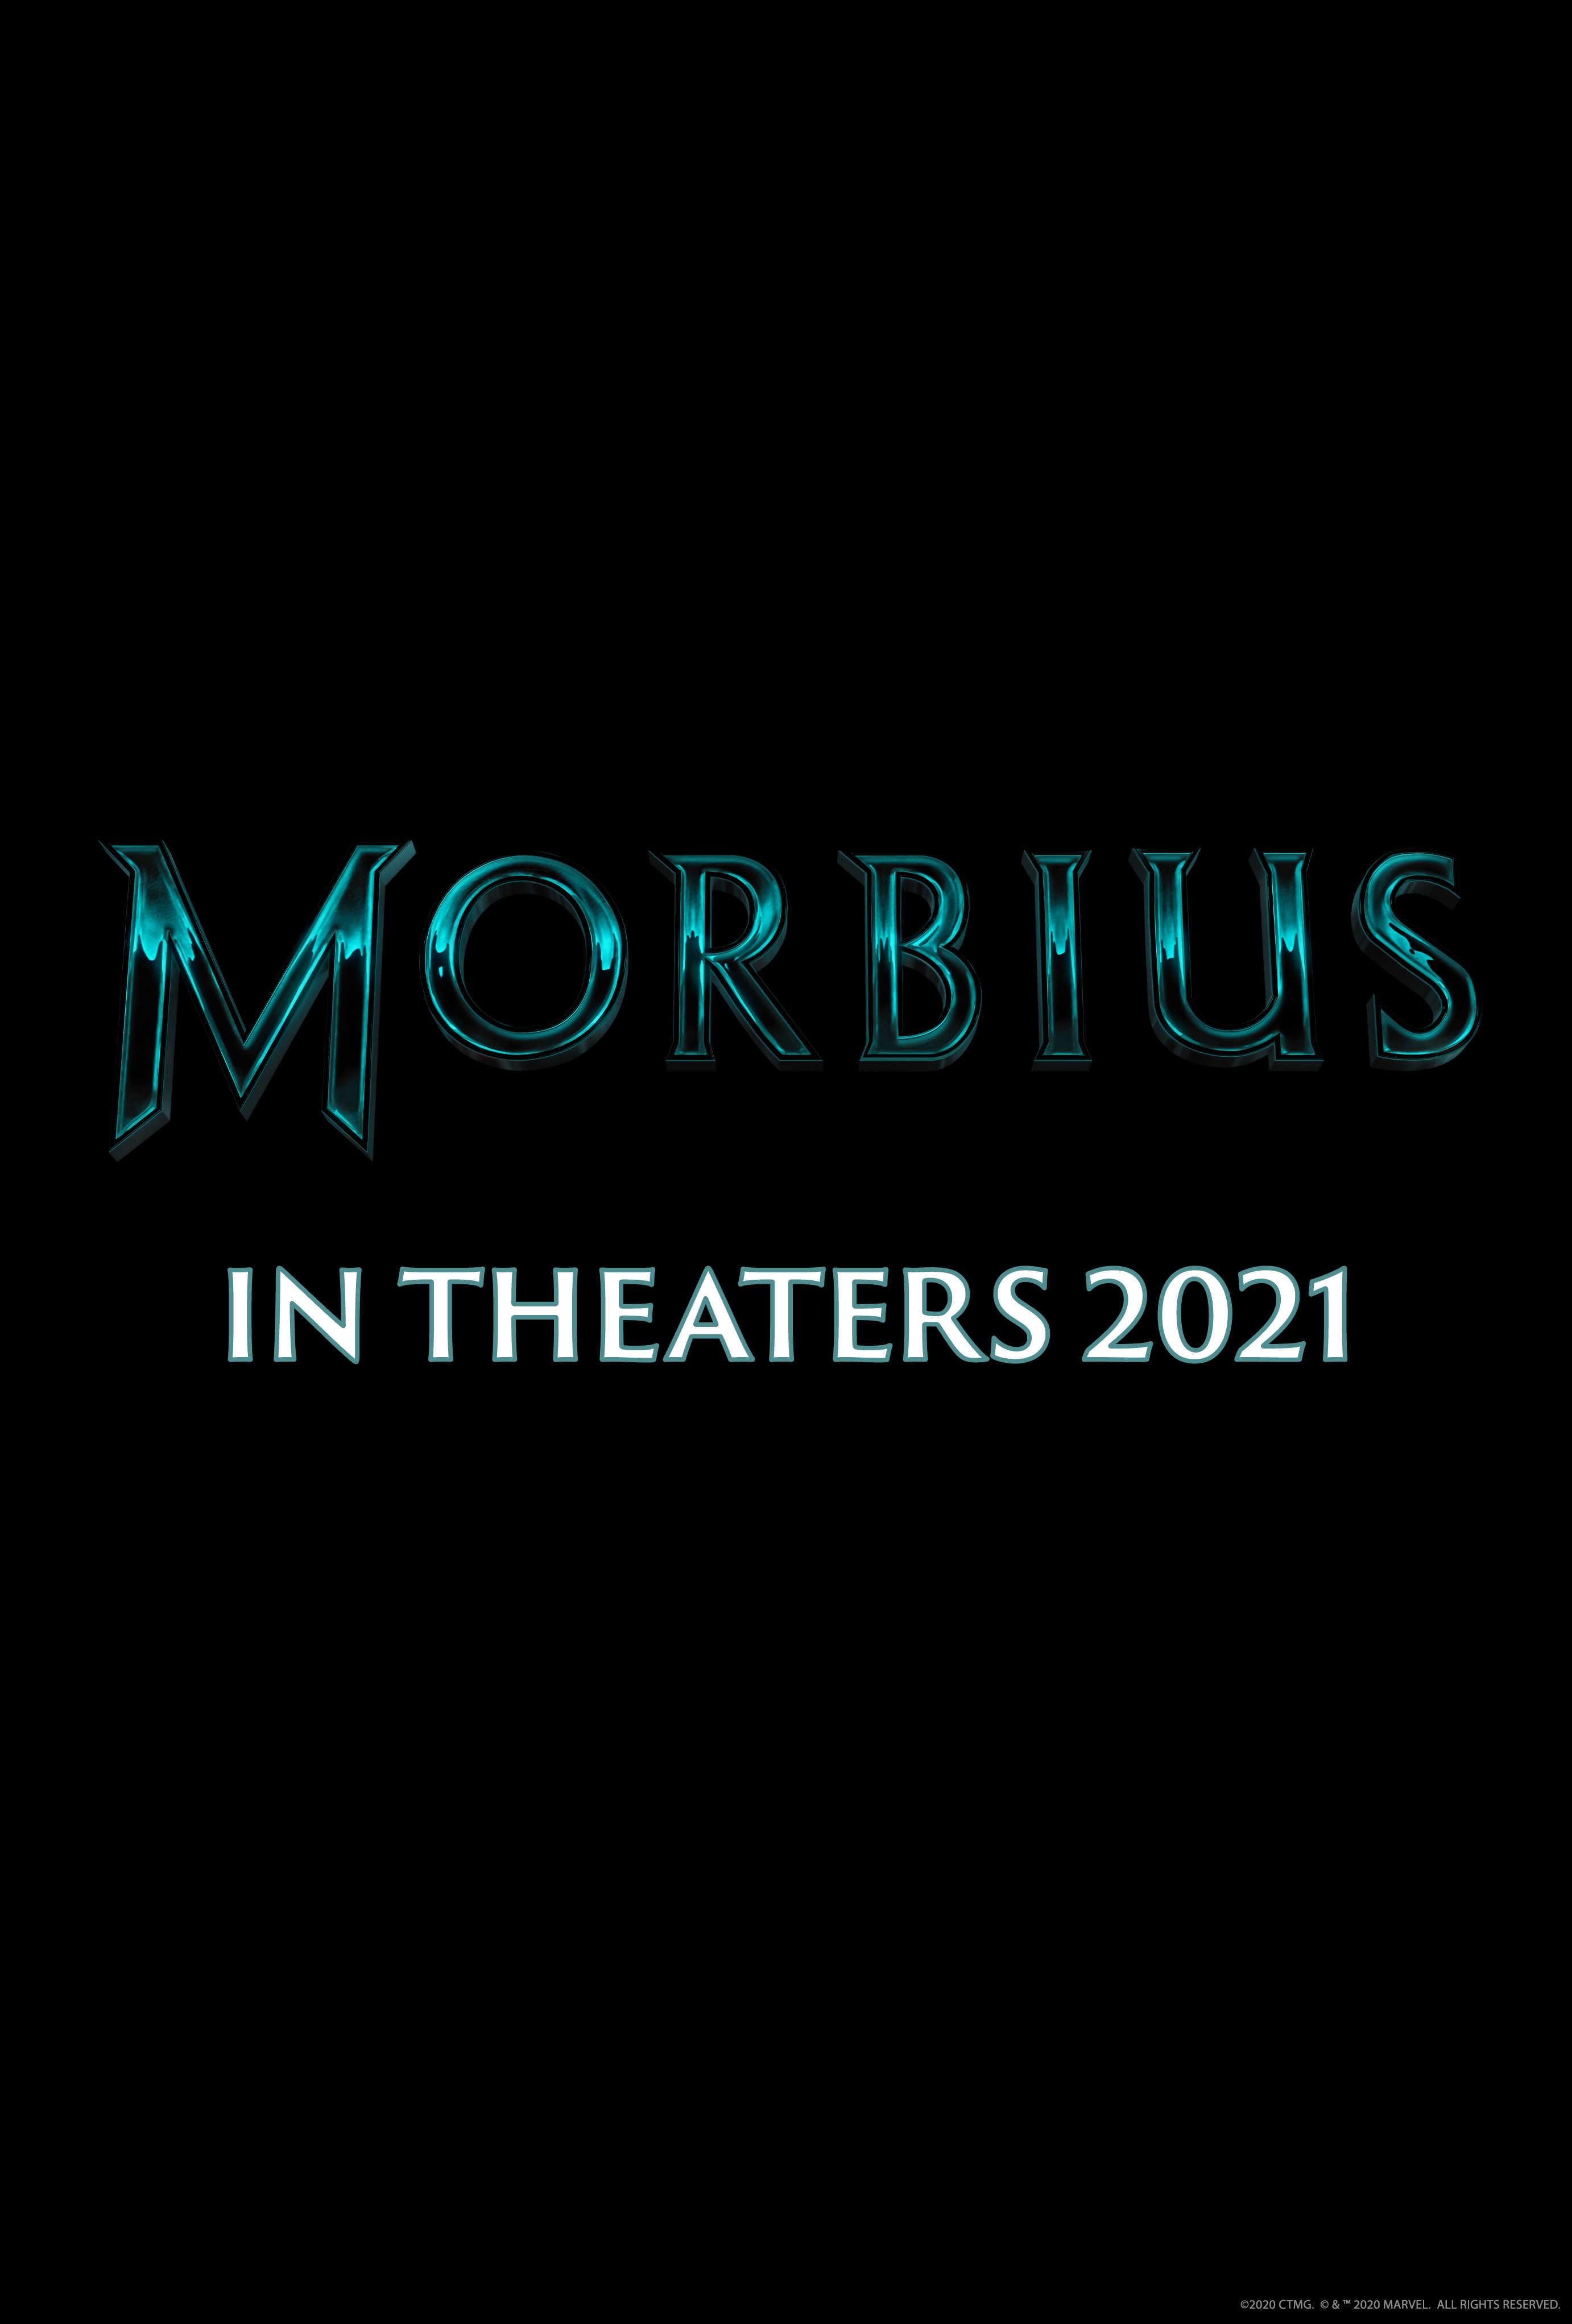 MORBIUS (Morbius)